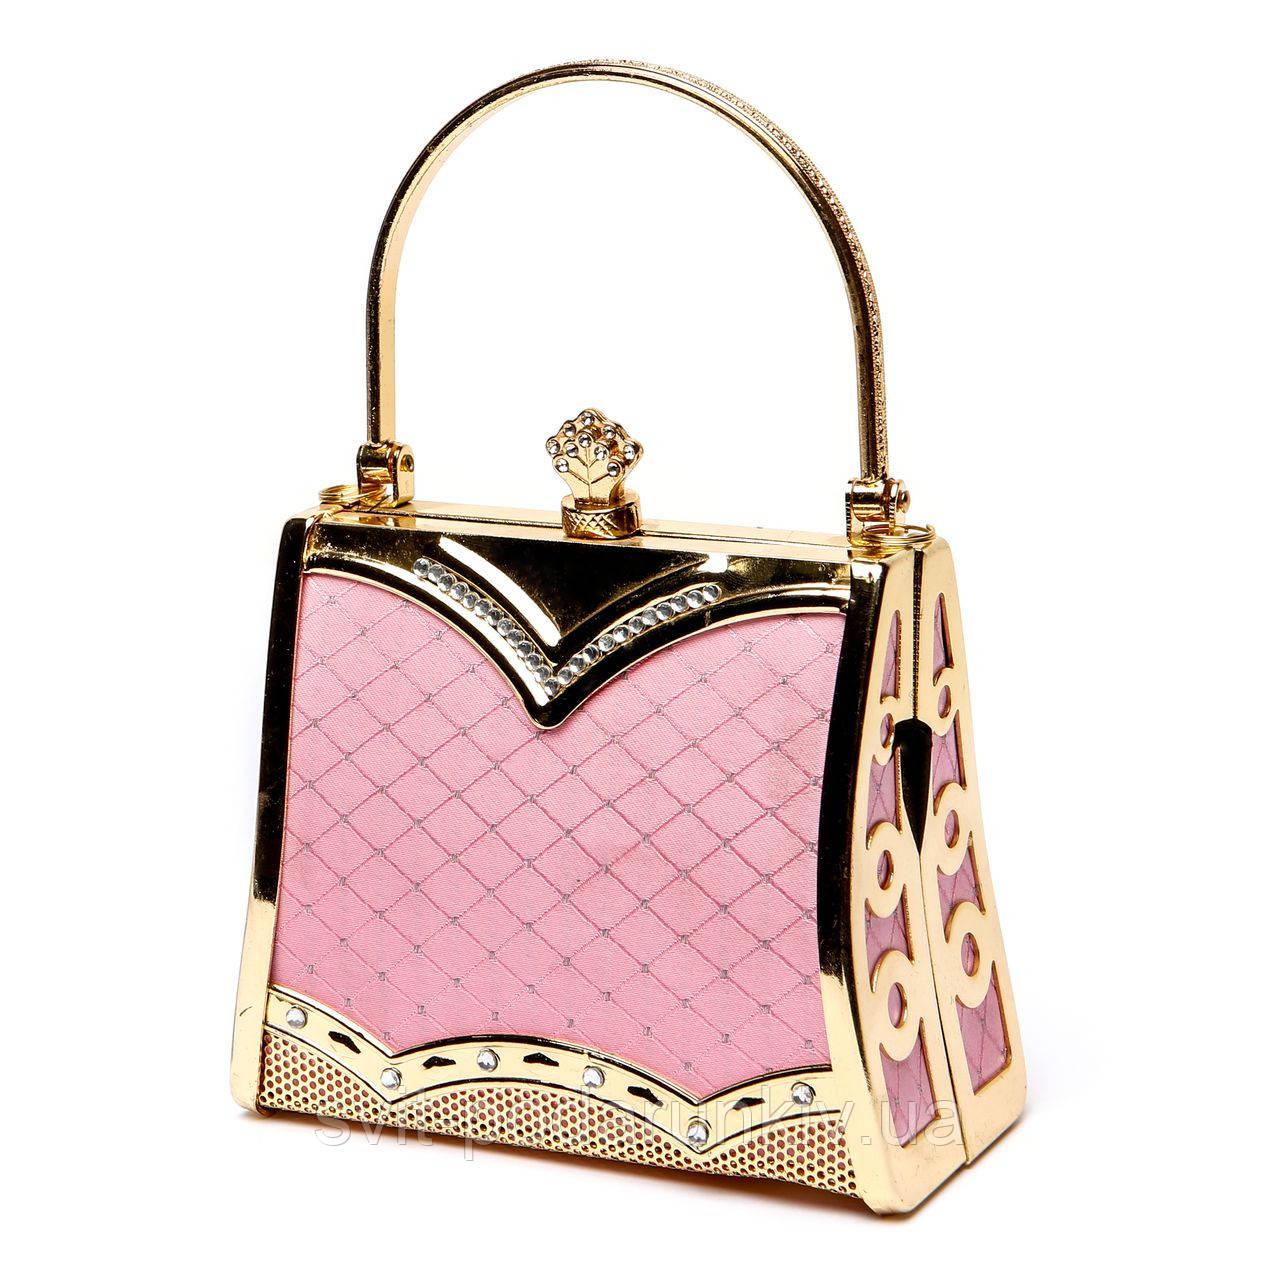 37d02b71ec30 Розовый клатч на цепочке S05, цена 423 грн., купить в Киеве — Prom ...